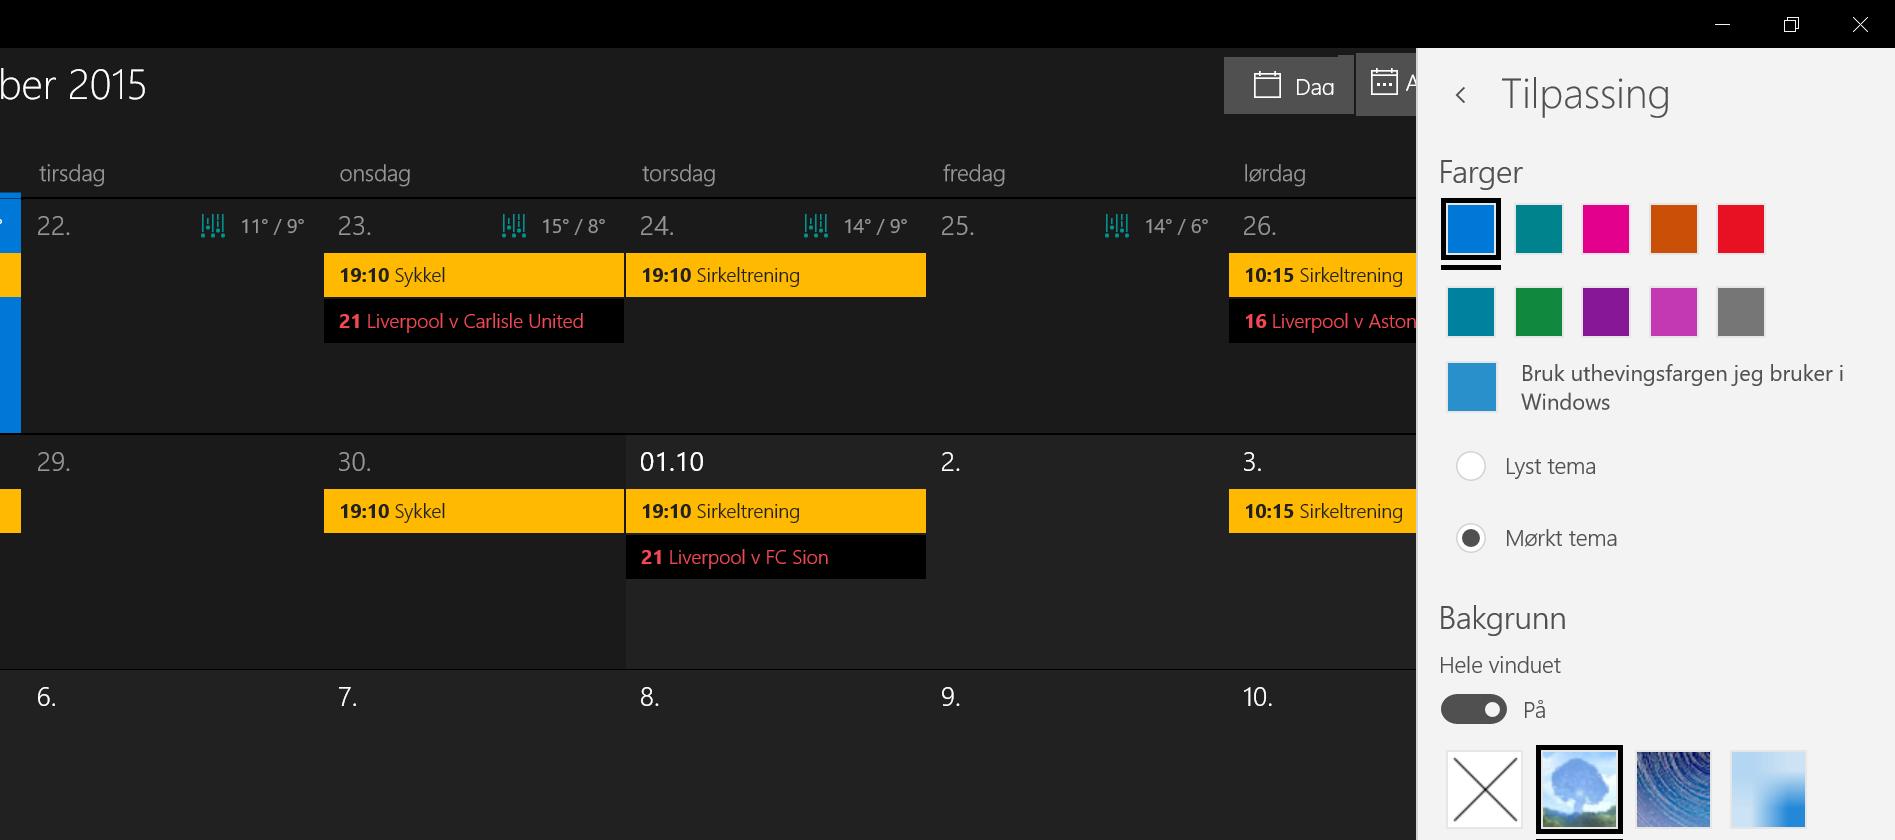 Aktiver mørkt tema i kalender-appen i Windows 10.